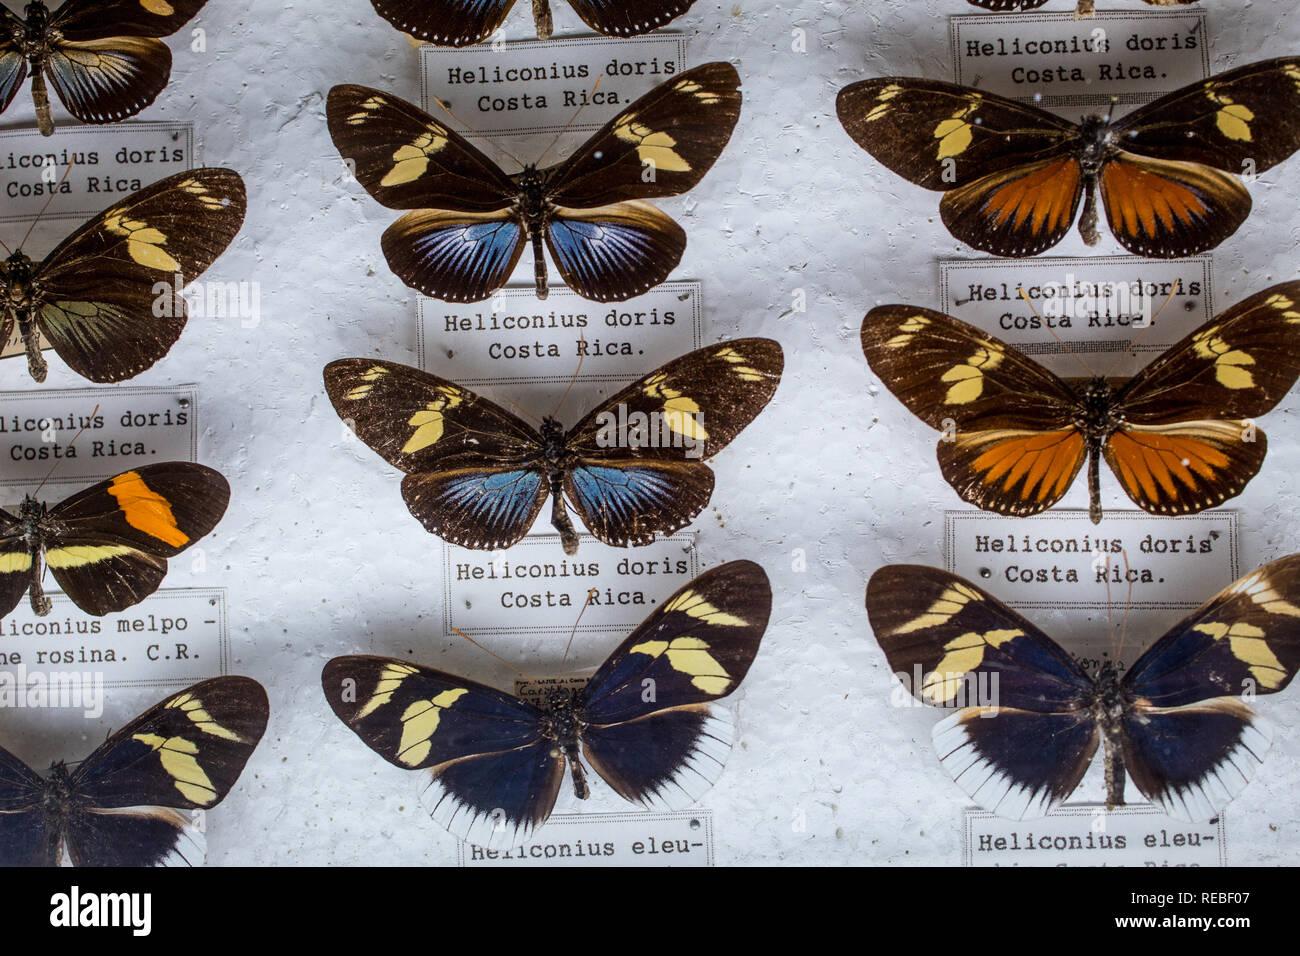 Eine entomologische Sammlung mit hohen morphologischen intraspezifische Variation unter Heliconius Schmetterlinge. Mit Etiketten. Stockbild